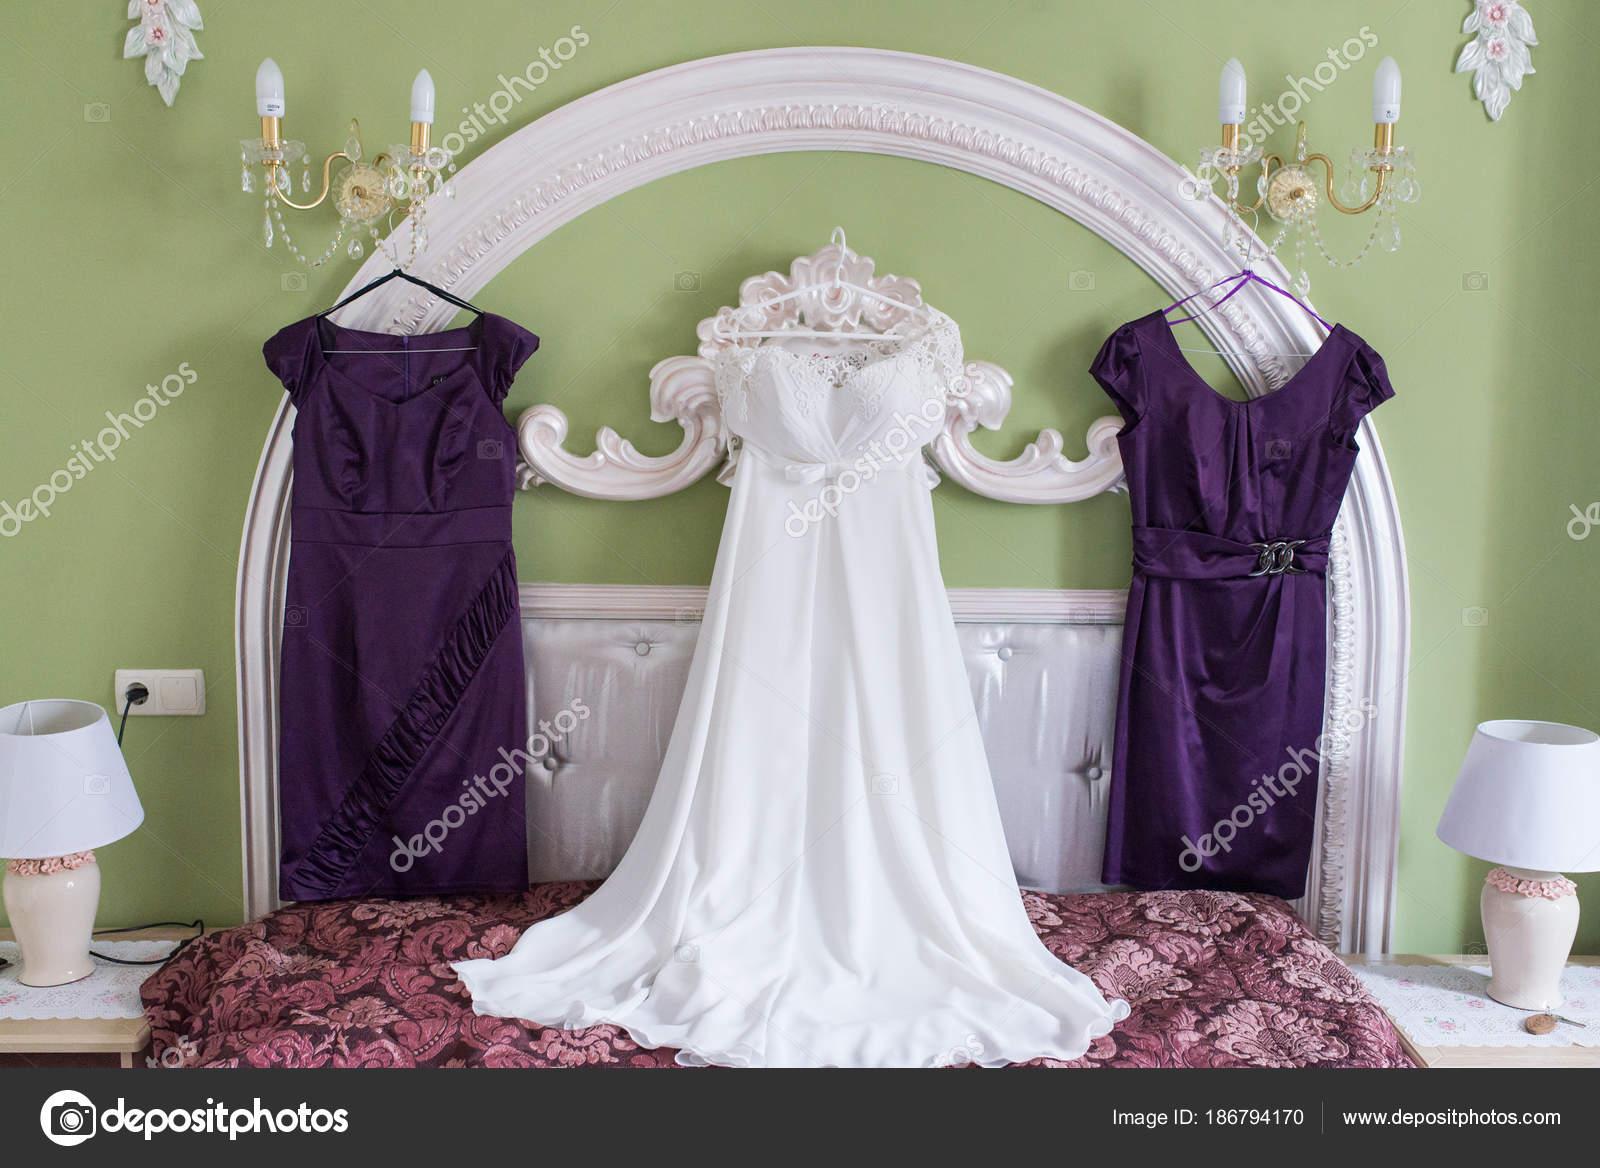 Weißes Brautkleid Und Zwei Lila Brautjungfern Kleider Auf Einem ...